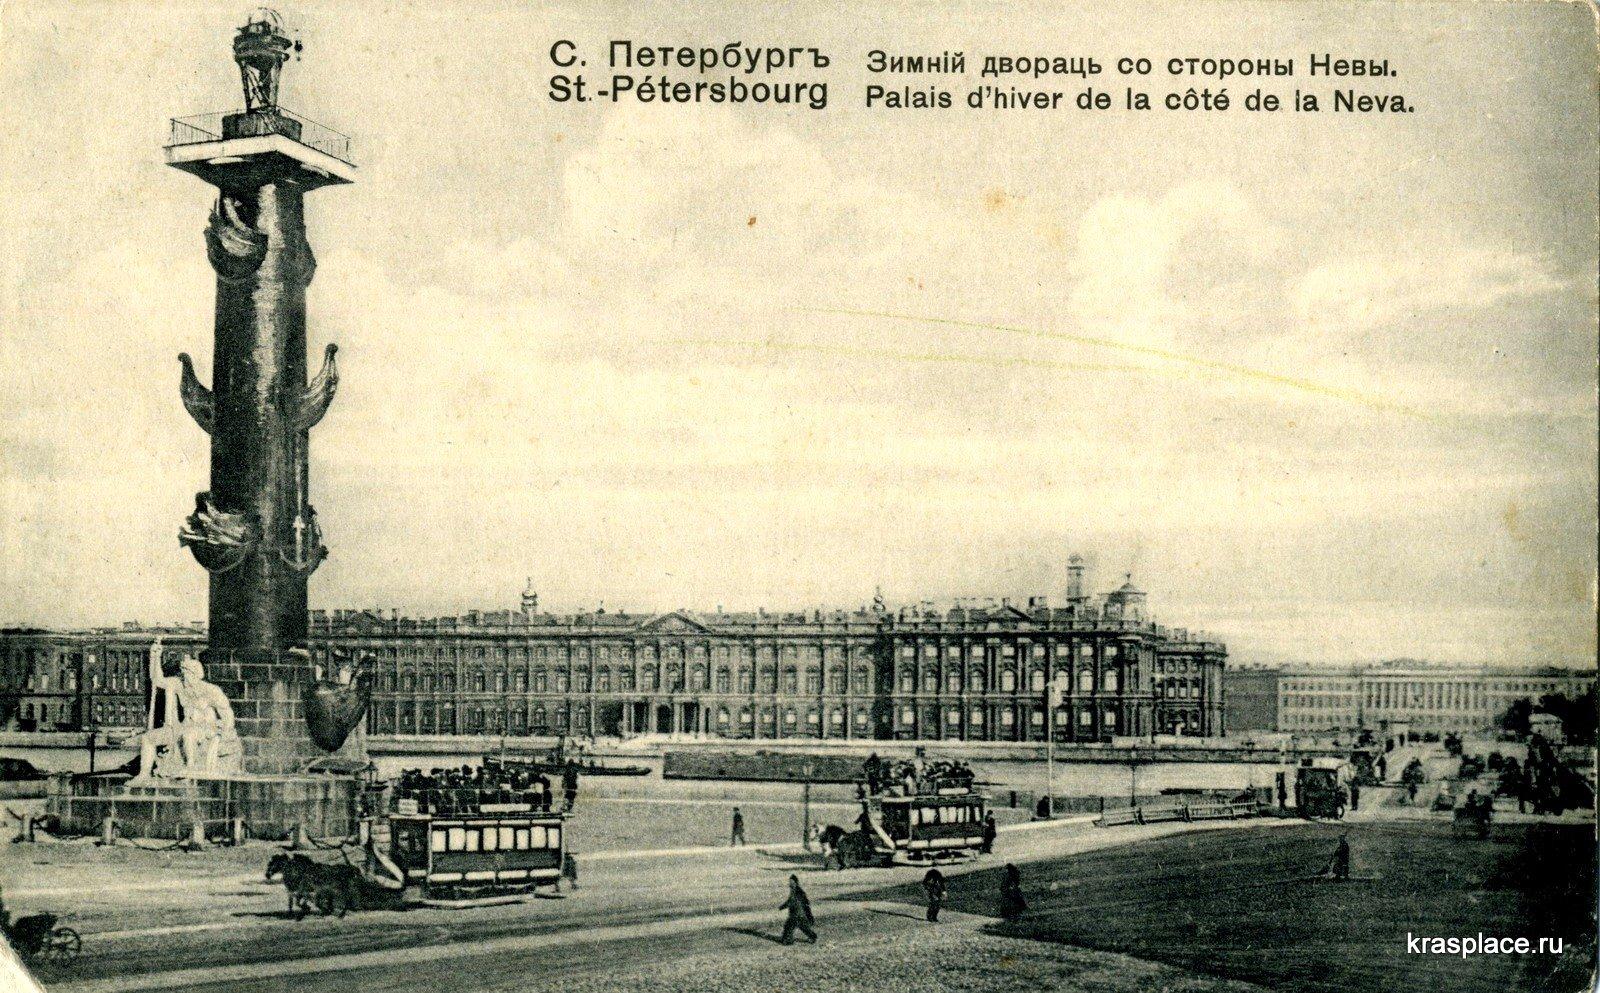 крупной картинки старые с днем рождения санкт петербурга все друзья конечно